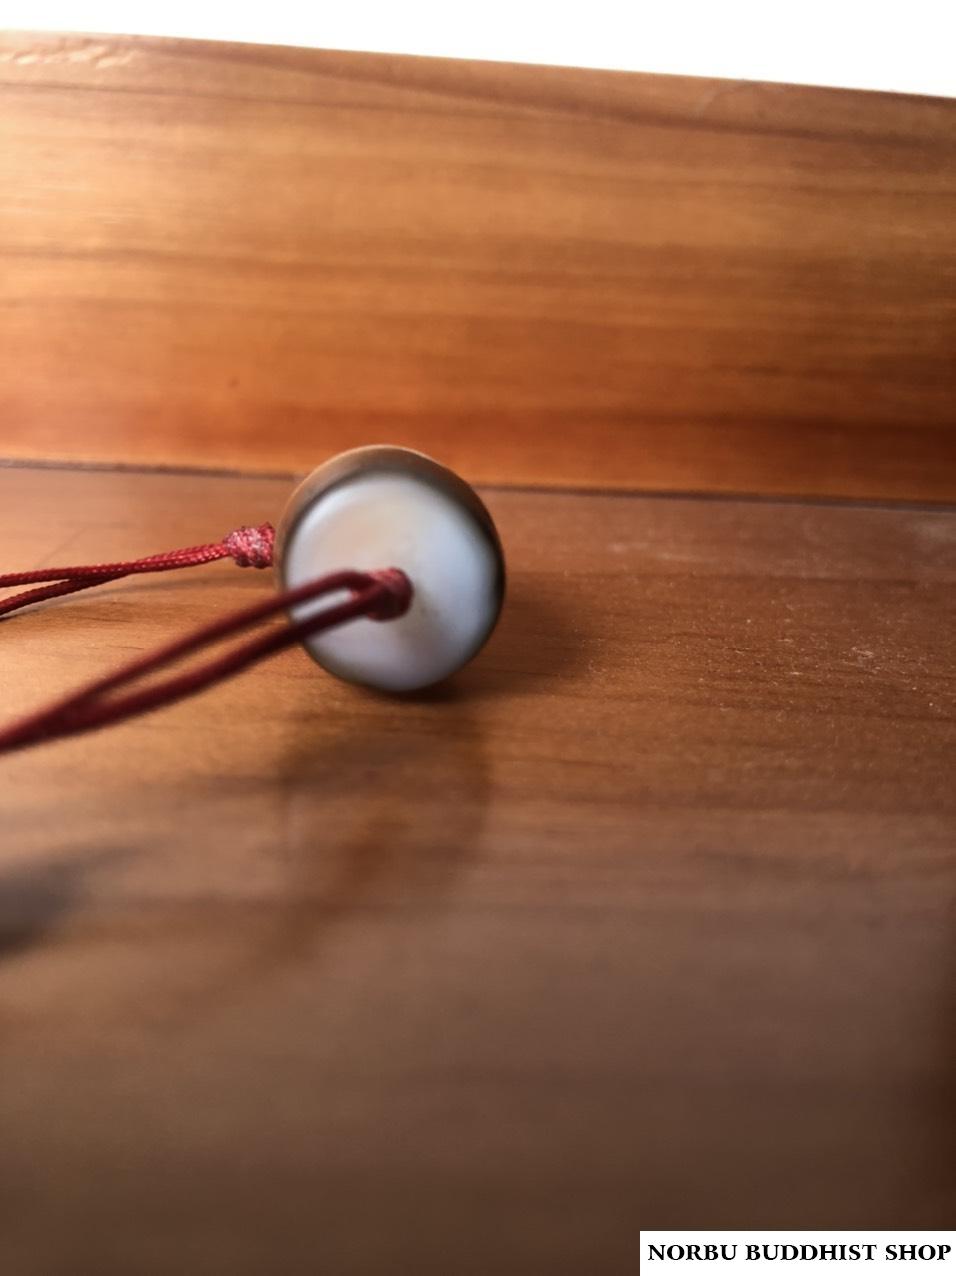 Những tiêu chí chính để đánh giá một viên dzi bead chất lượng 4